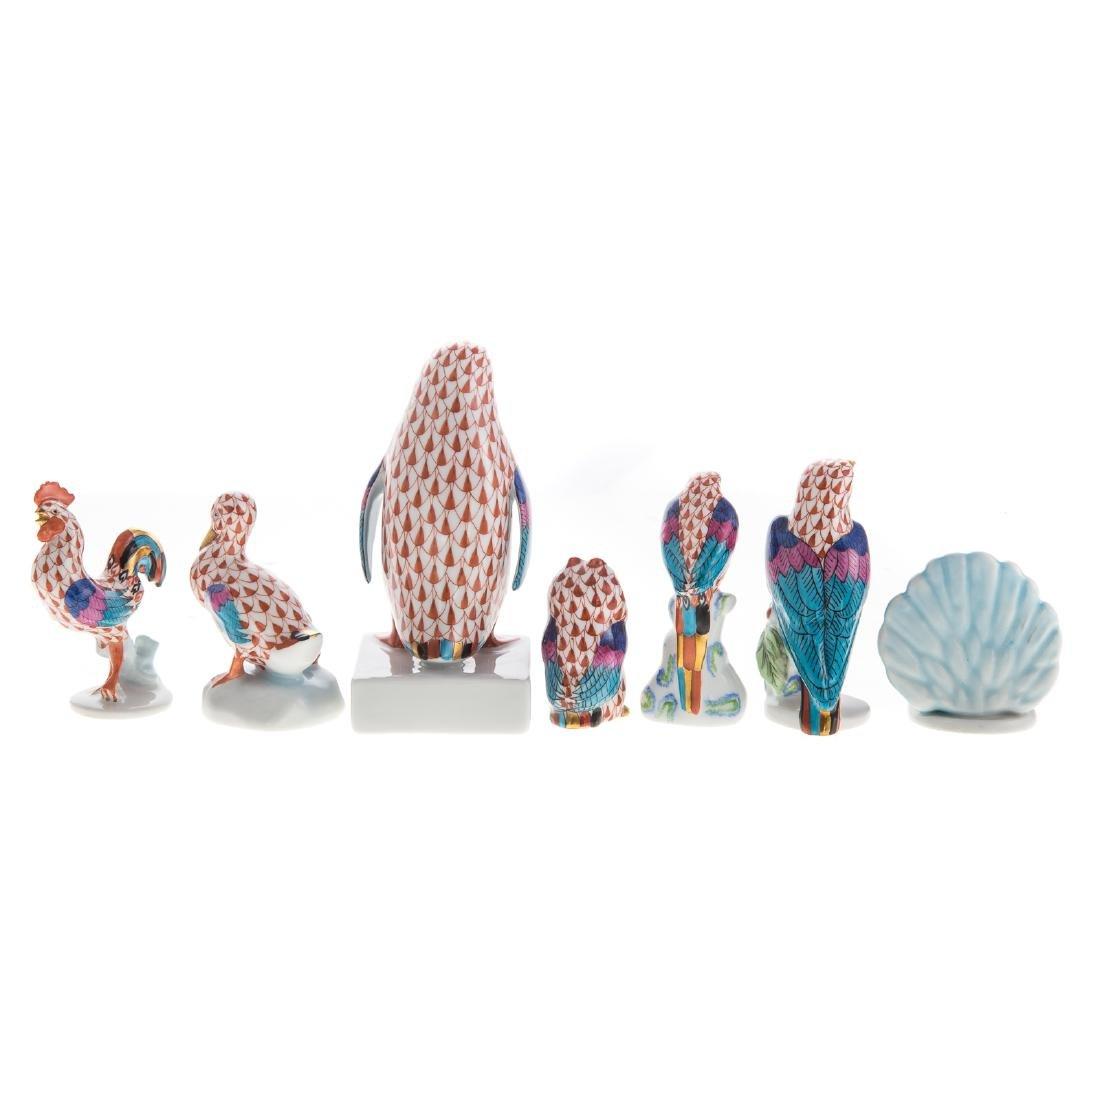 Seven Herend porcelain birds - 4